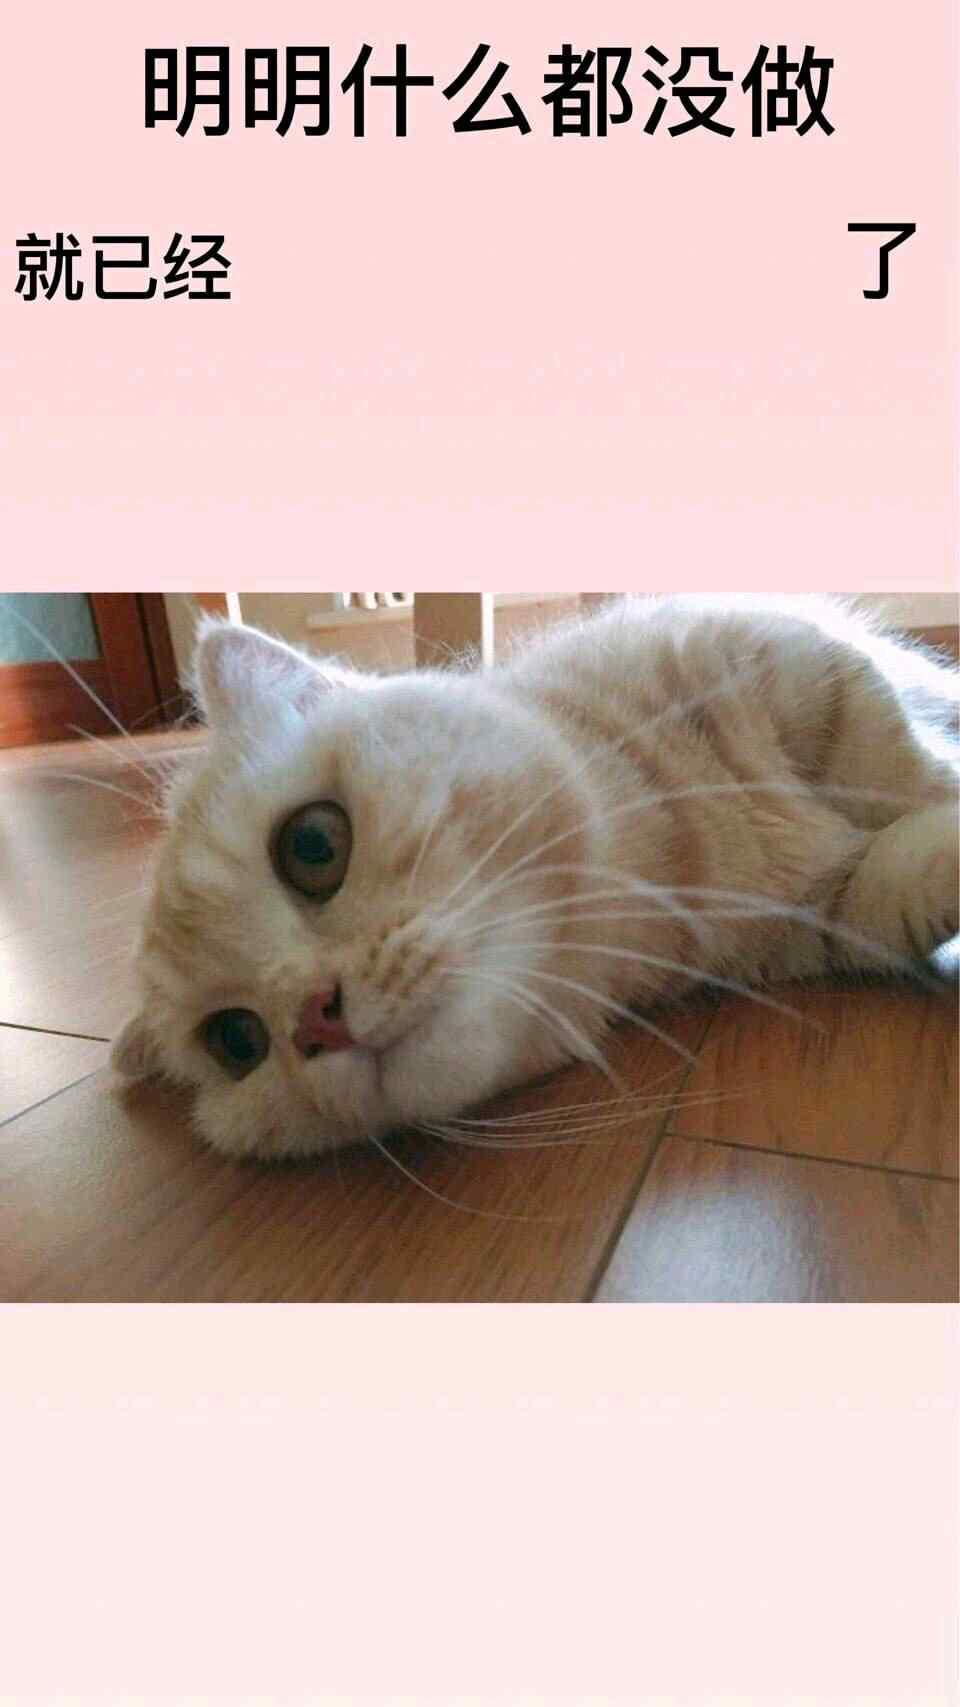 明明什么都没做颓废猫咪壁纸